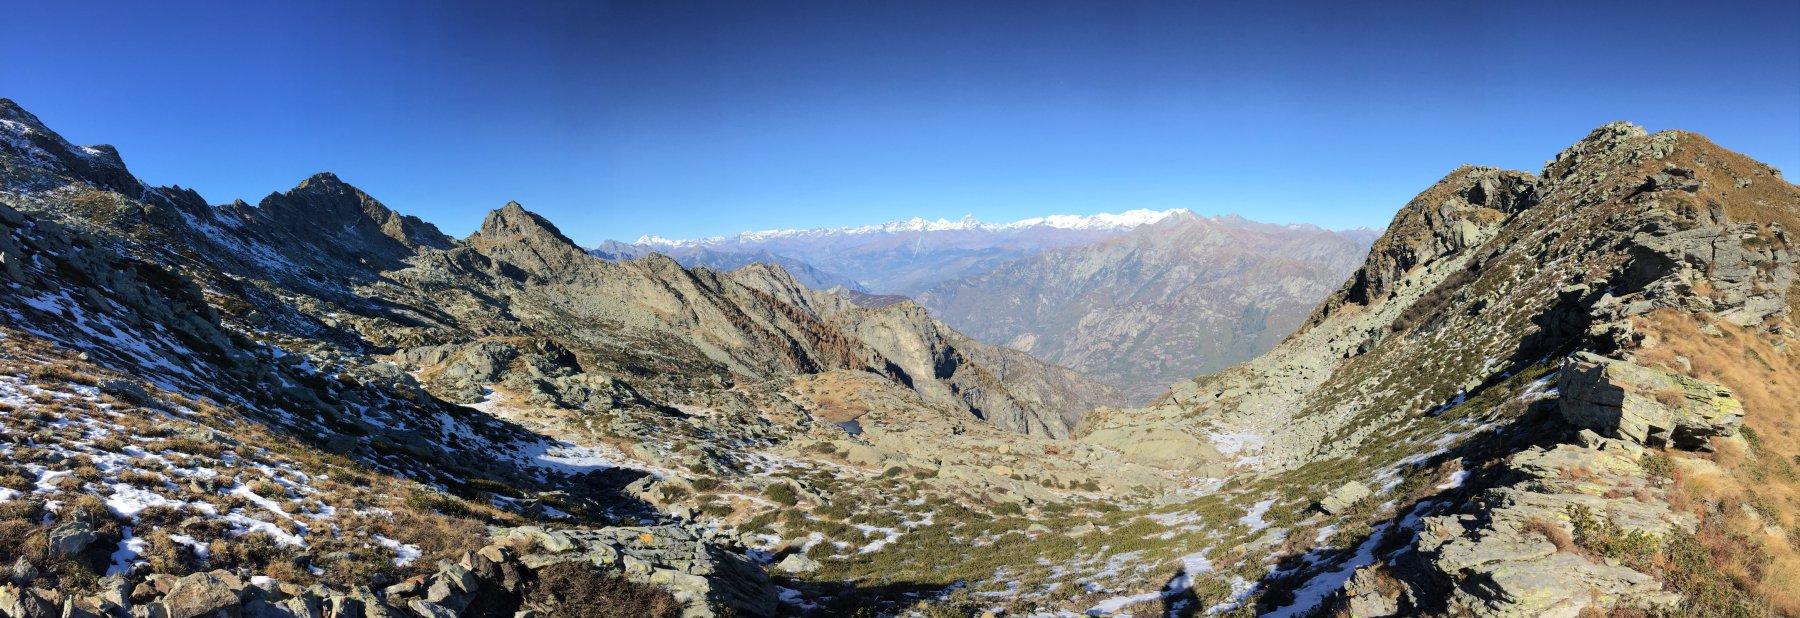 Vista dal Colle verso la Valle D'Aosta